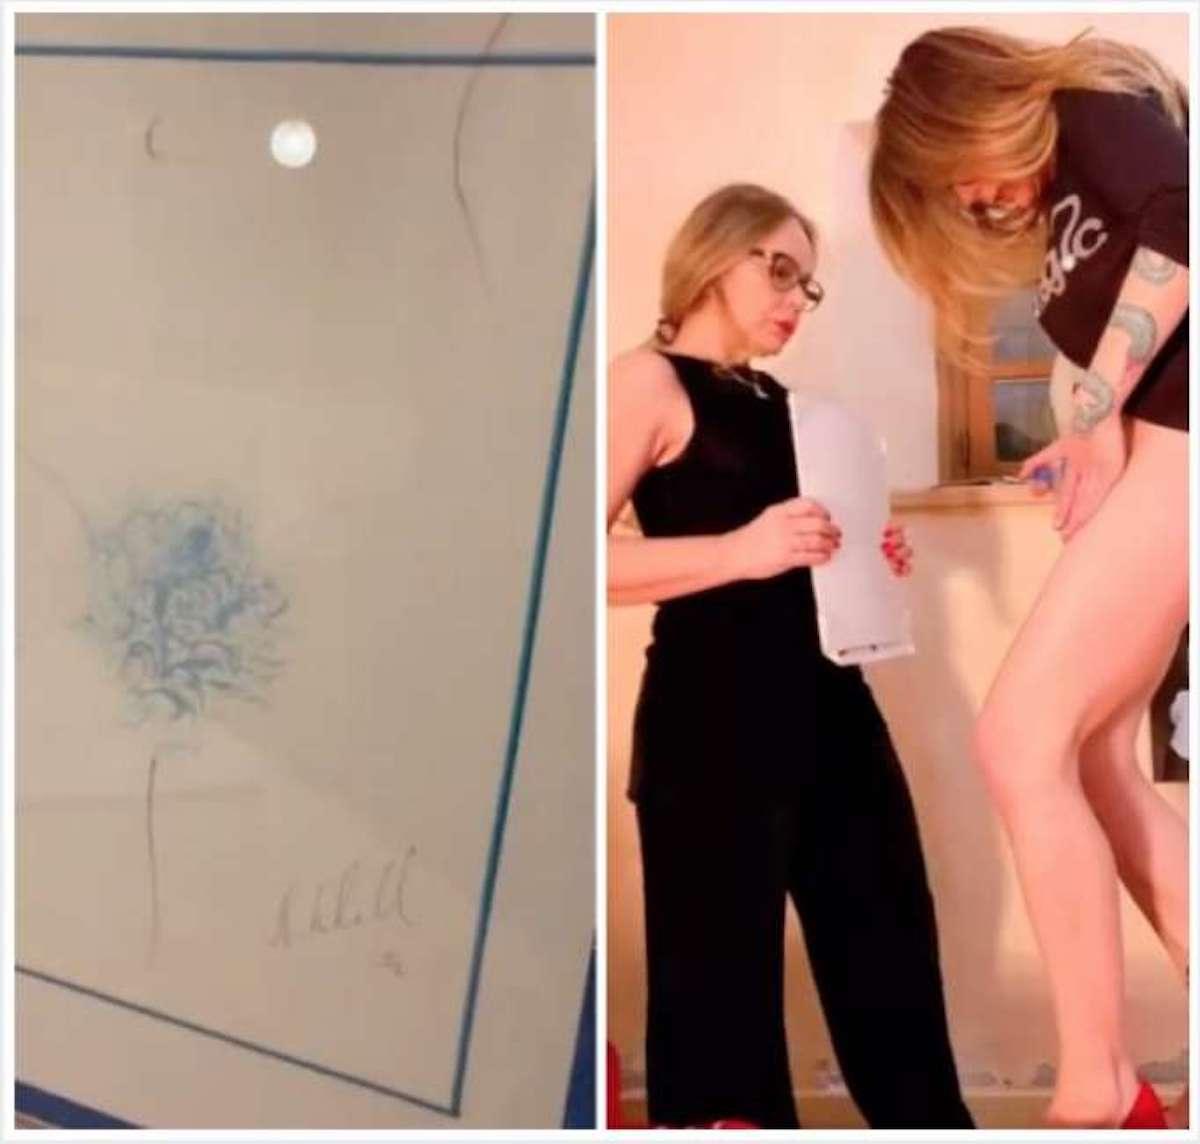 Dipinti intimi, Naike con la complicità di mamma Ornella Muti crea opere d'arte col pube